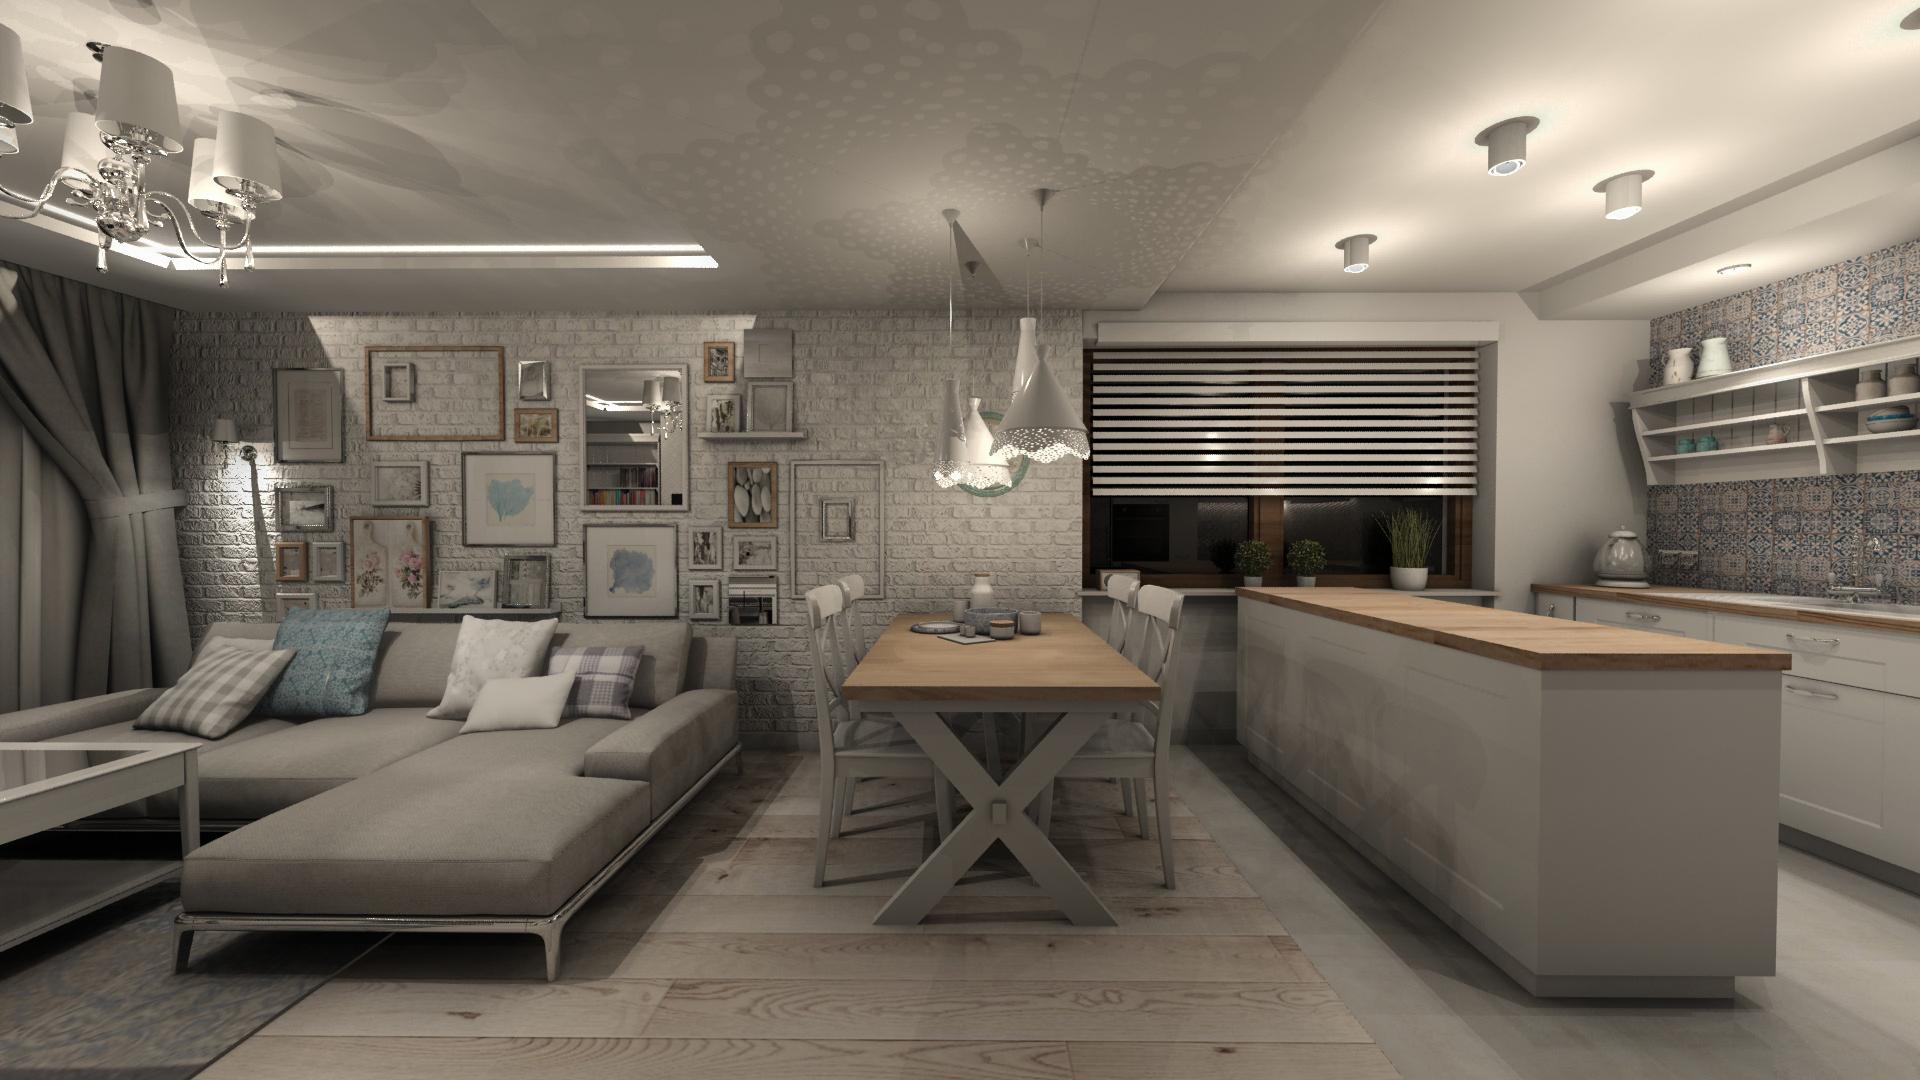 Angielski Salon Z Kuchnią W Domu Jednorodzinnym W